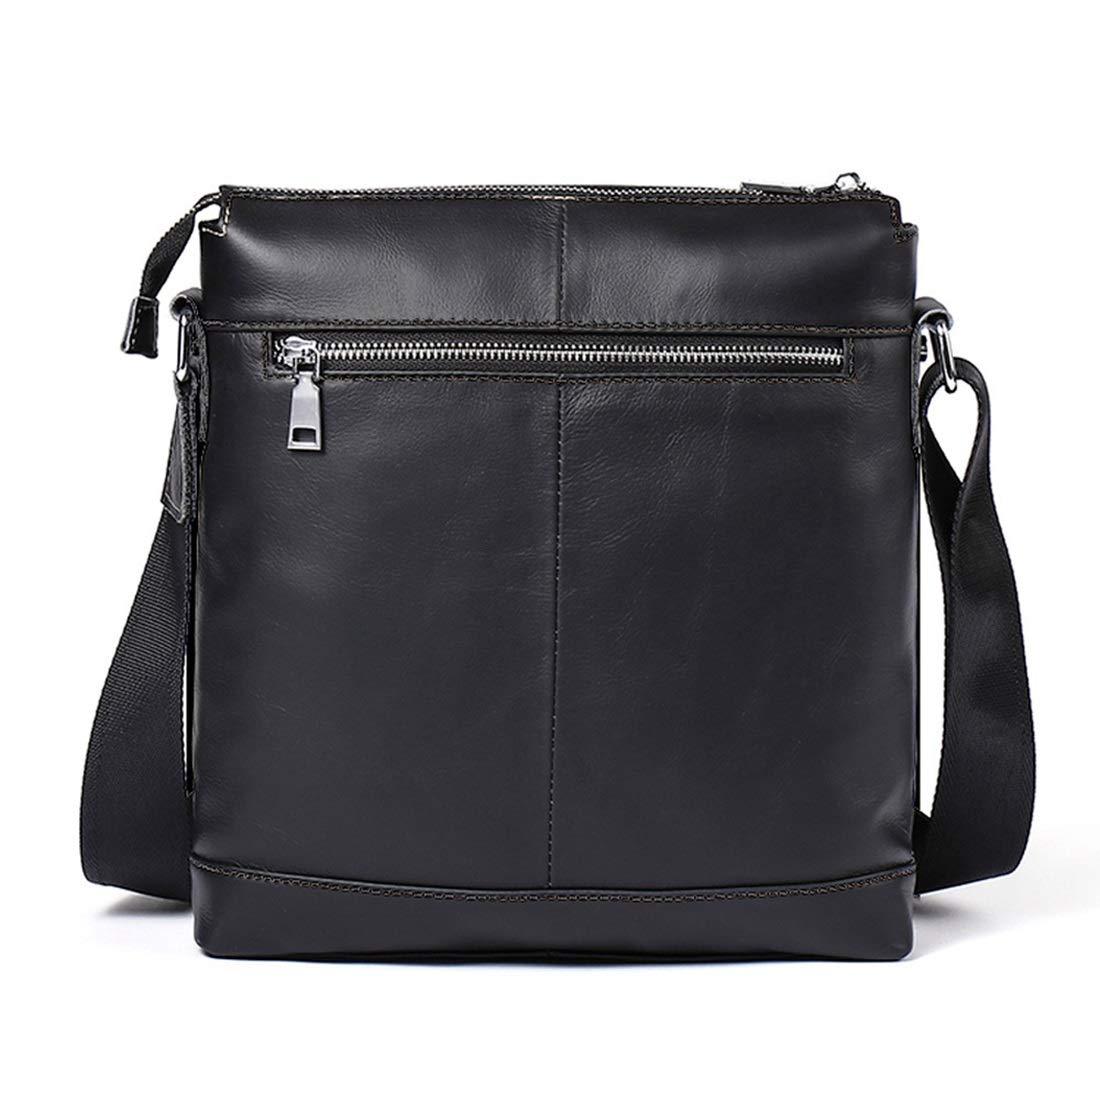 KRPENRIO Mens Messenger Shoulder Bag Vintage Leather Briefcase Crossbody Day Bag for School and Work Color : Black